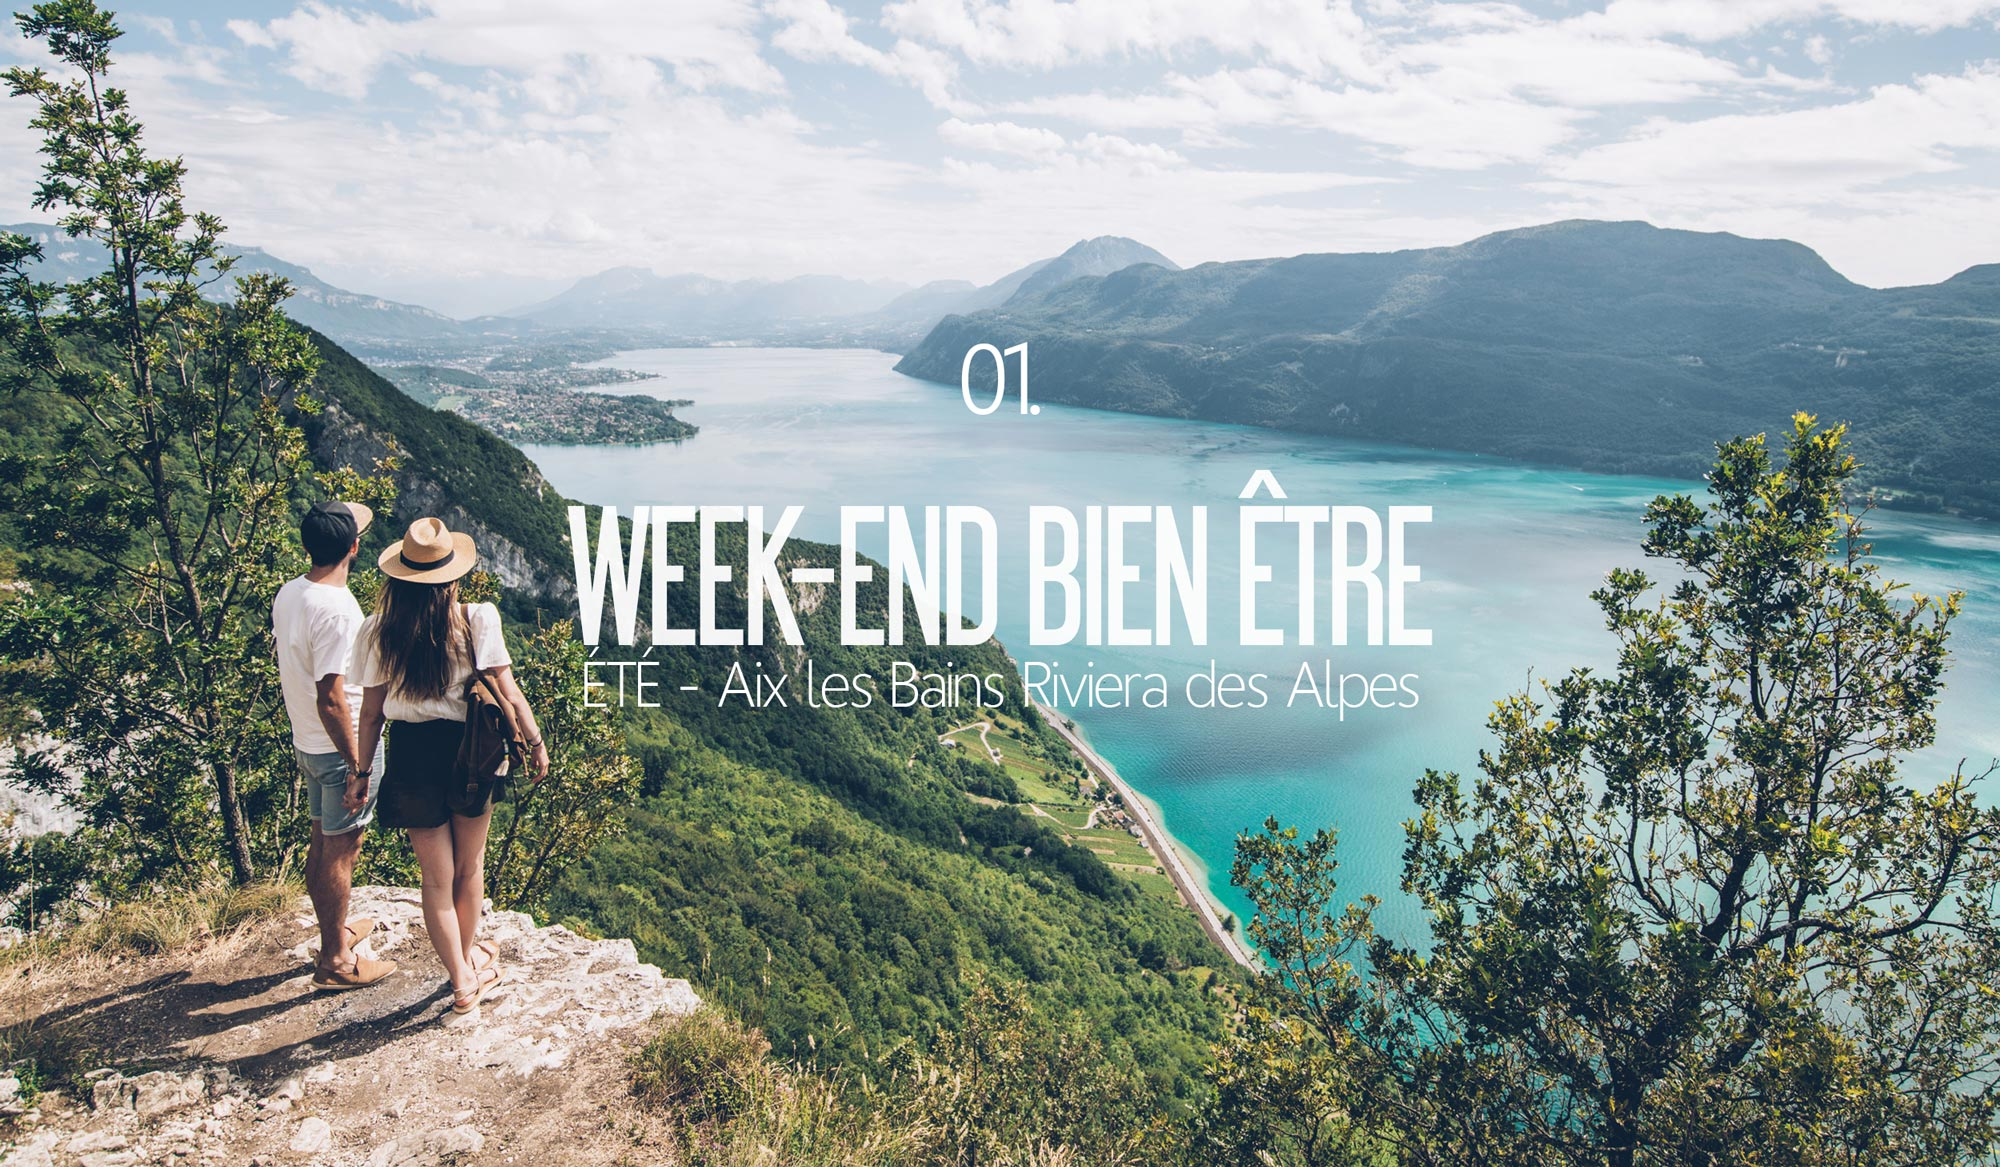 Week End Bien Etre Aix Les Bains Riviera Des Alpes